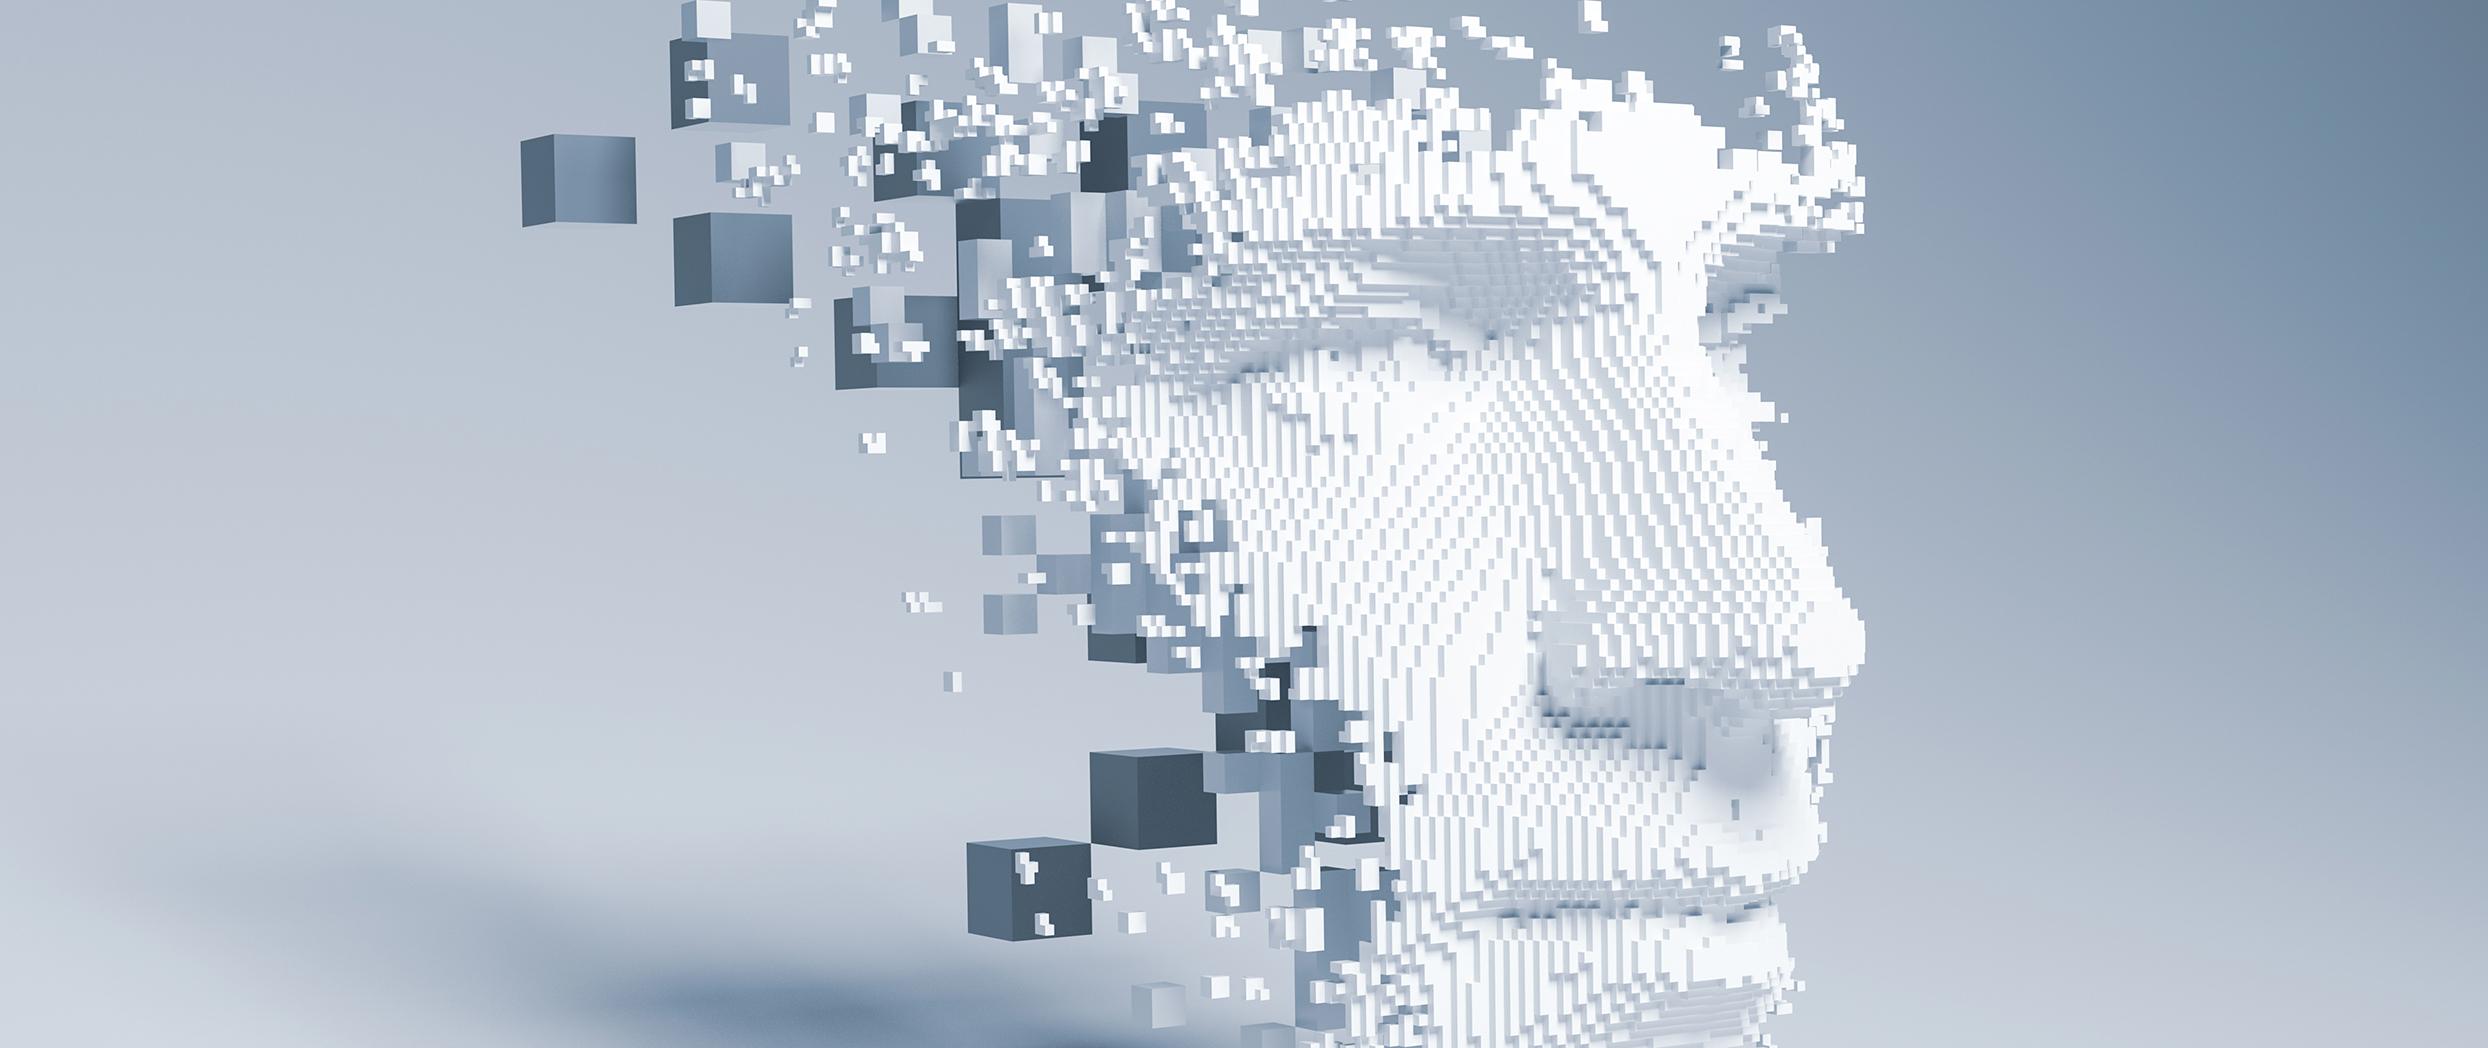 Redes GAN, amenazas y oportunidades para la ciberseguridad basada en IA